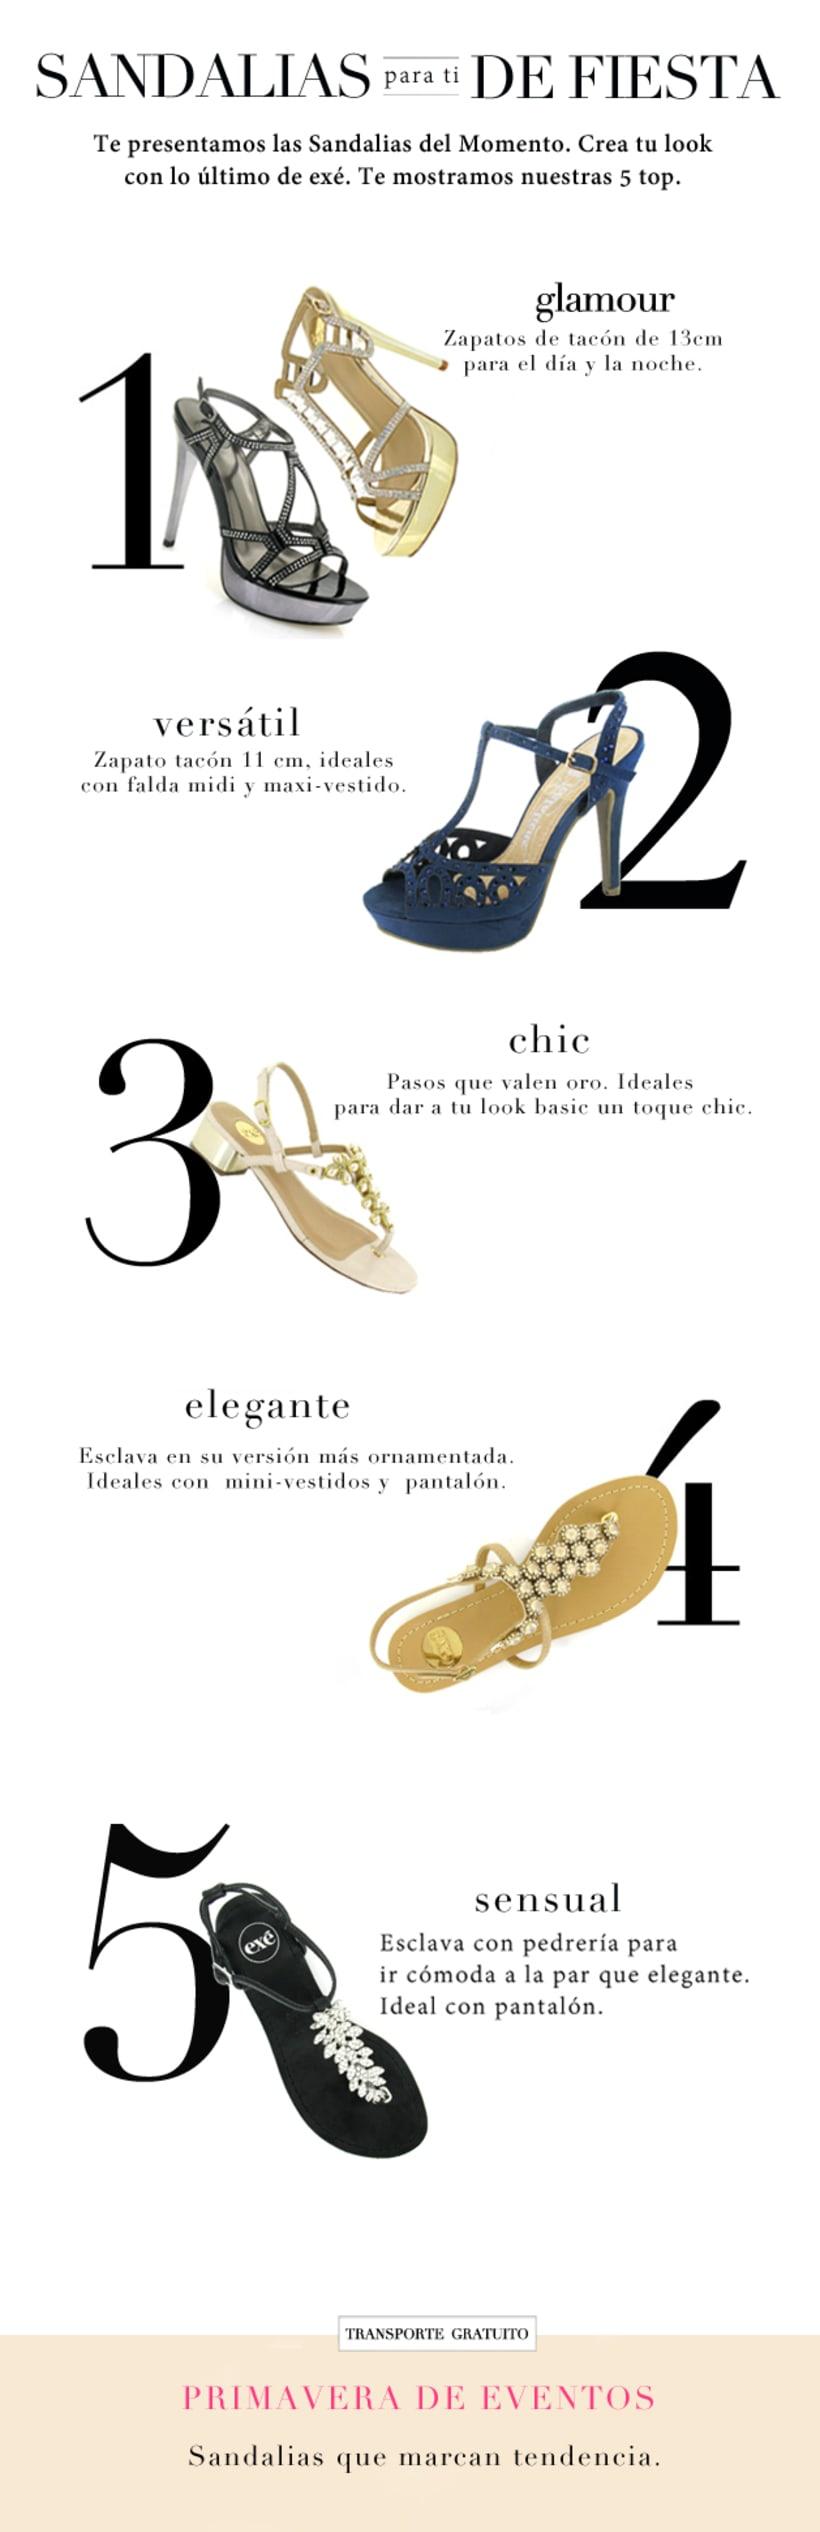 Campaña de Sandalias de Fiesta. 1